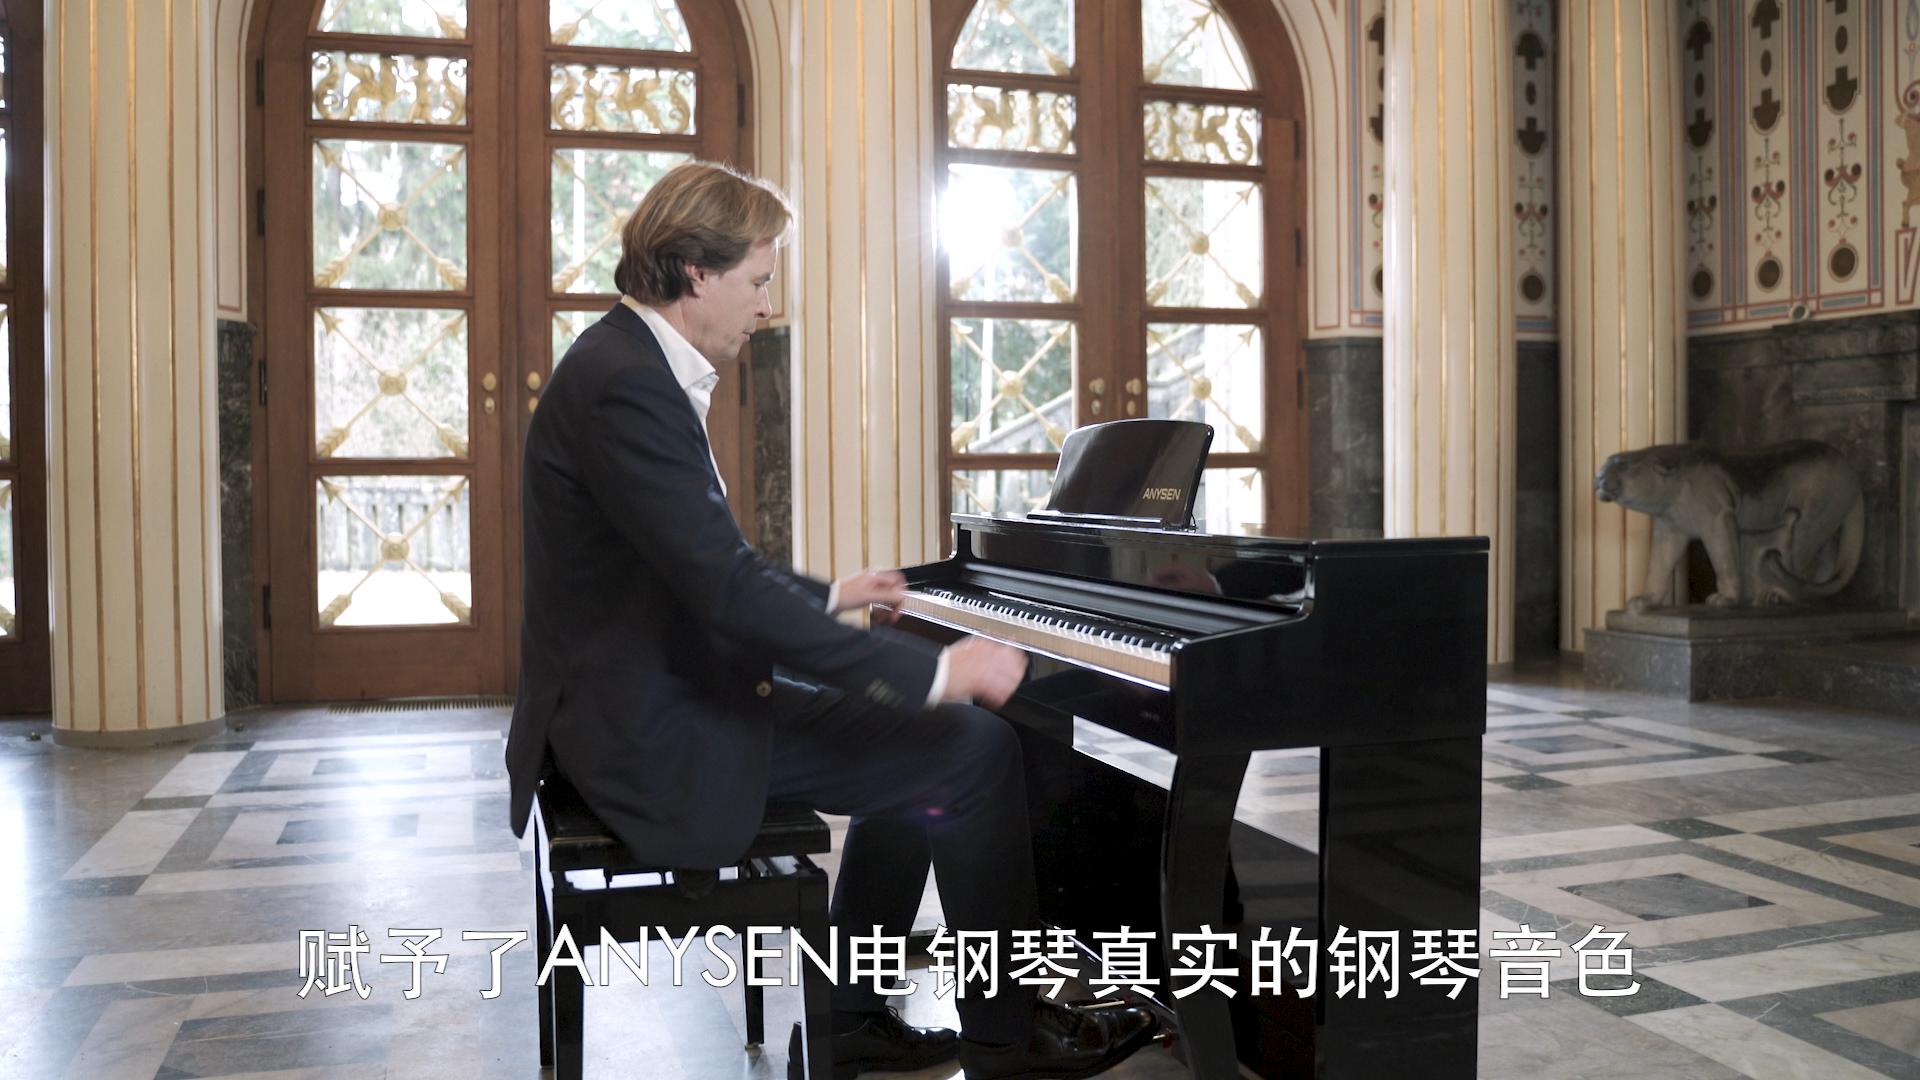 ANYSEN Digital-Piano UT China_127.png